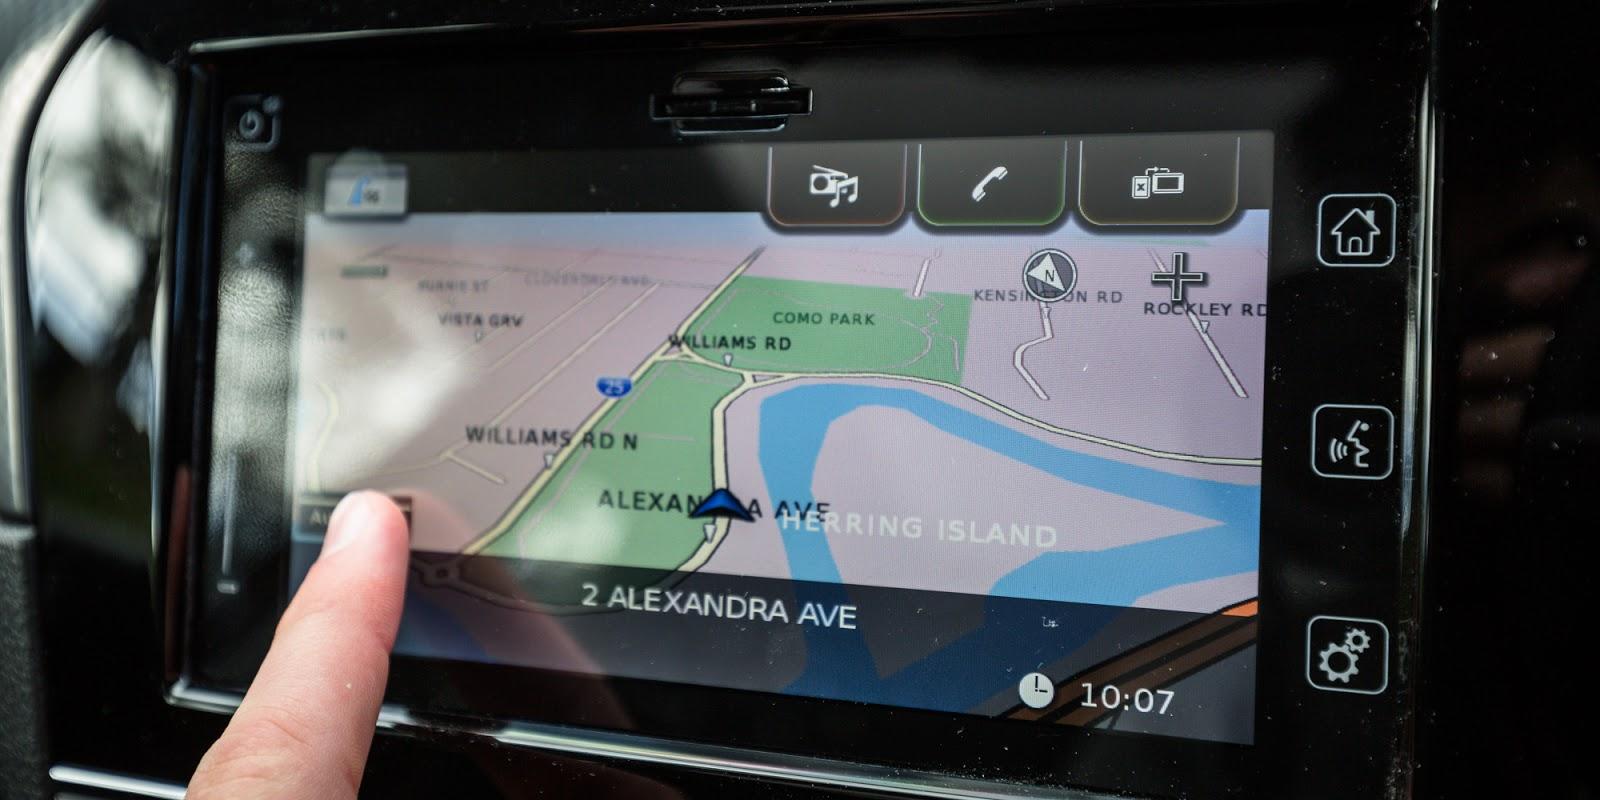 Màn hình kết nối chỉ đường thông minh, định vị chiếc xe ở đâu